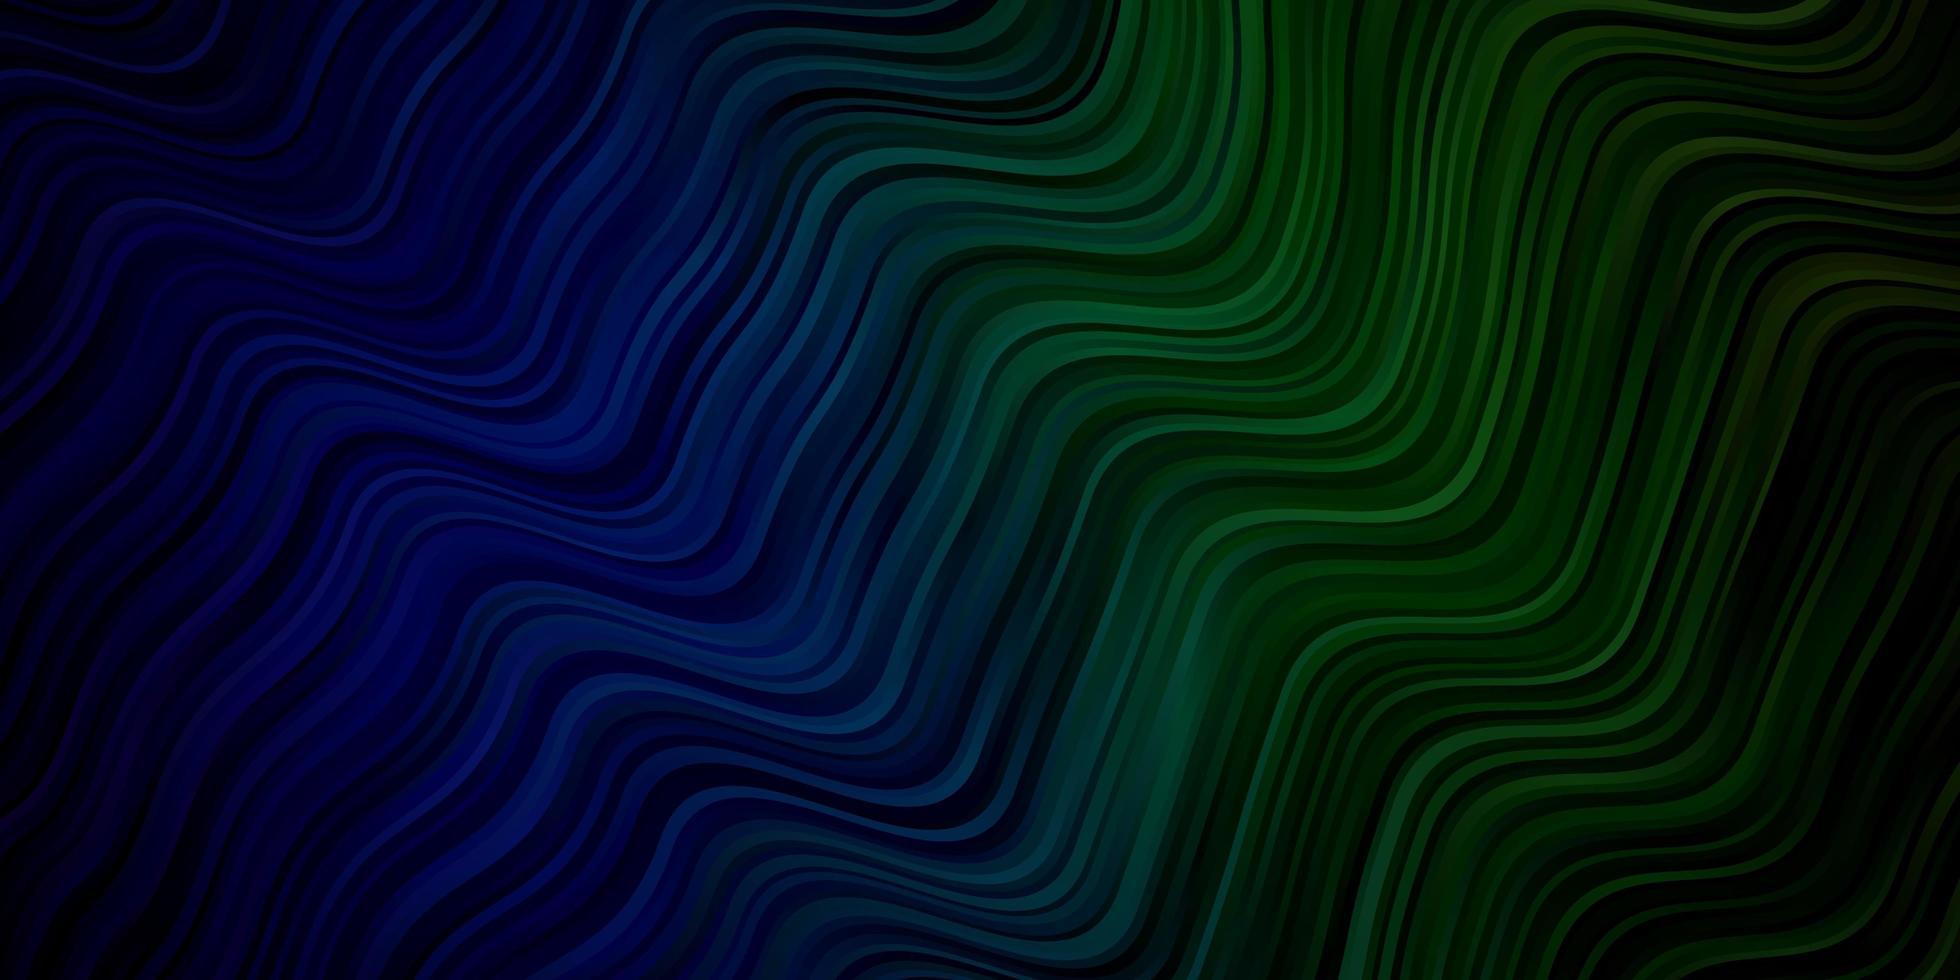 lichtblauw, groen vectorpatroon met wrange lijnen. vector